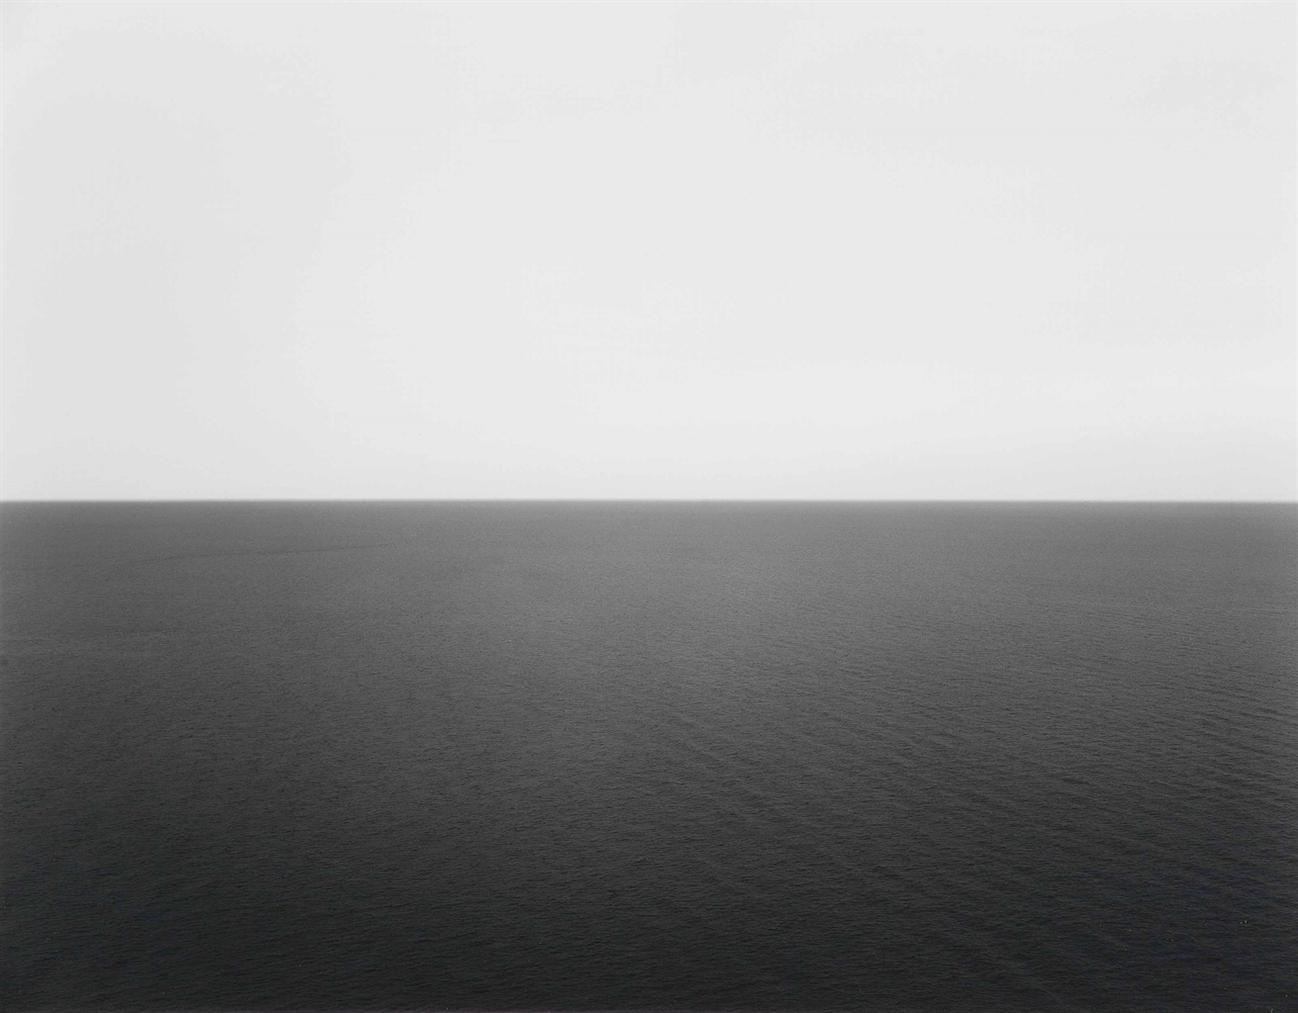 Hiroshi Sugimoto-Dead Sea, Ein Gedi-1992